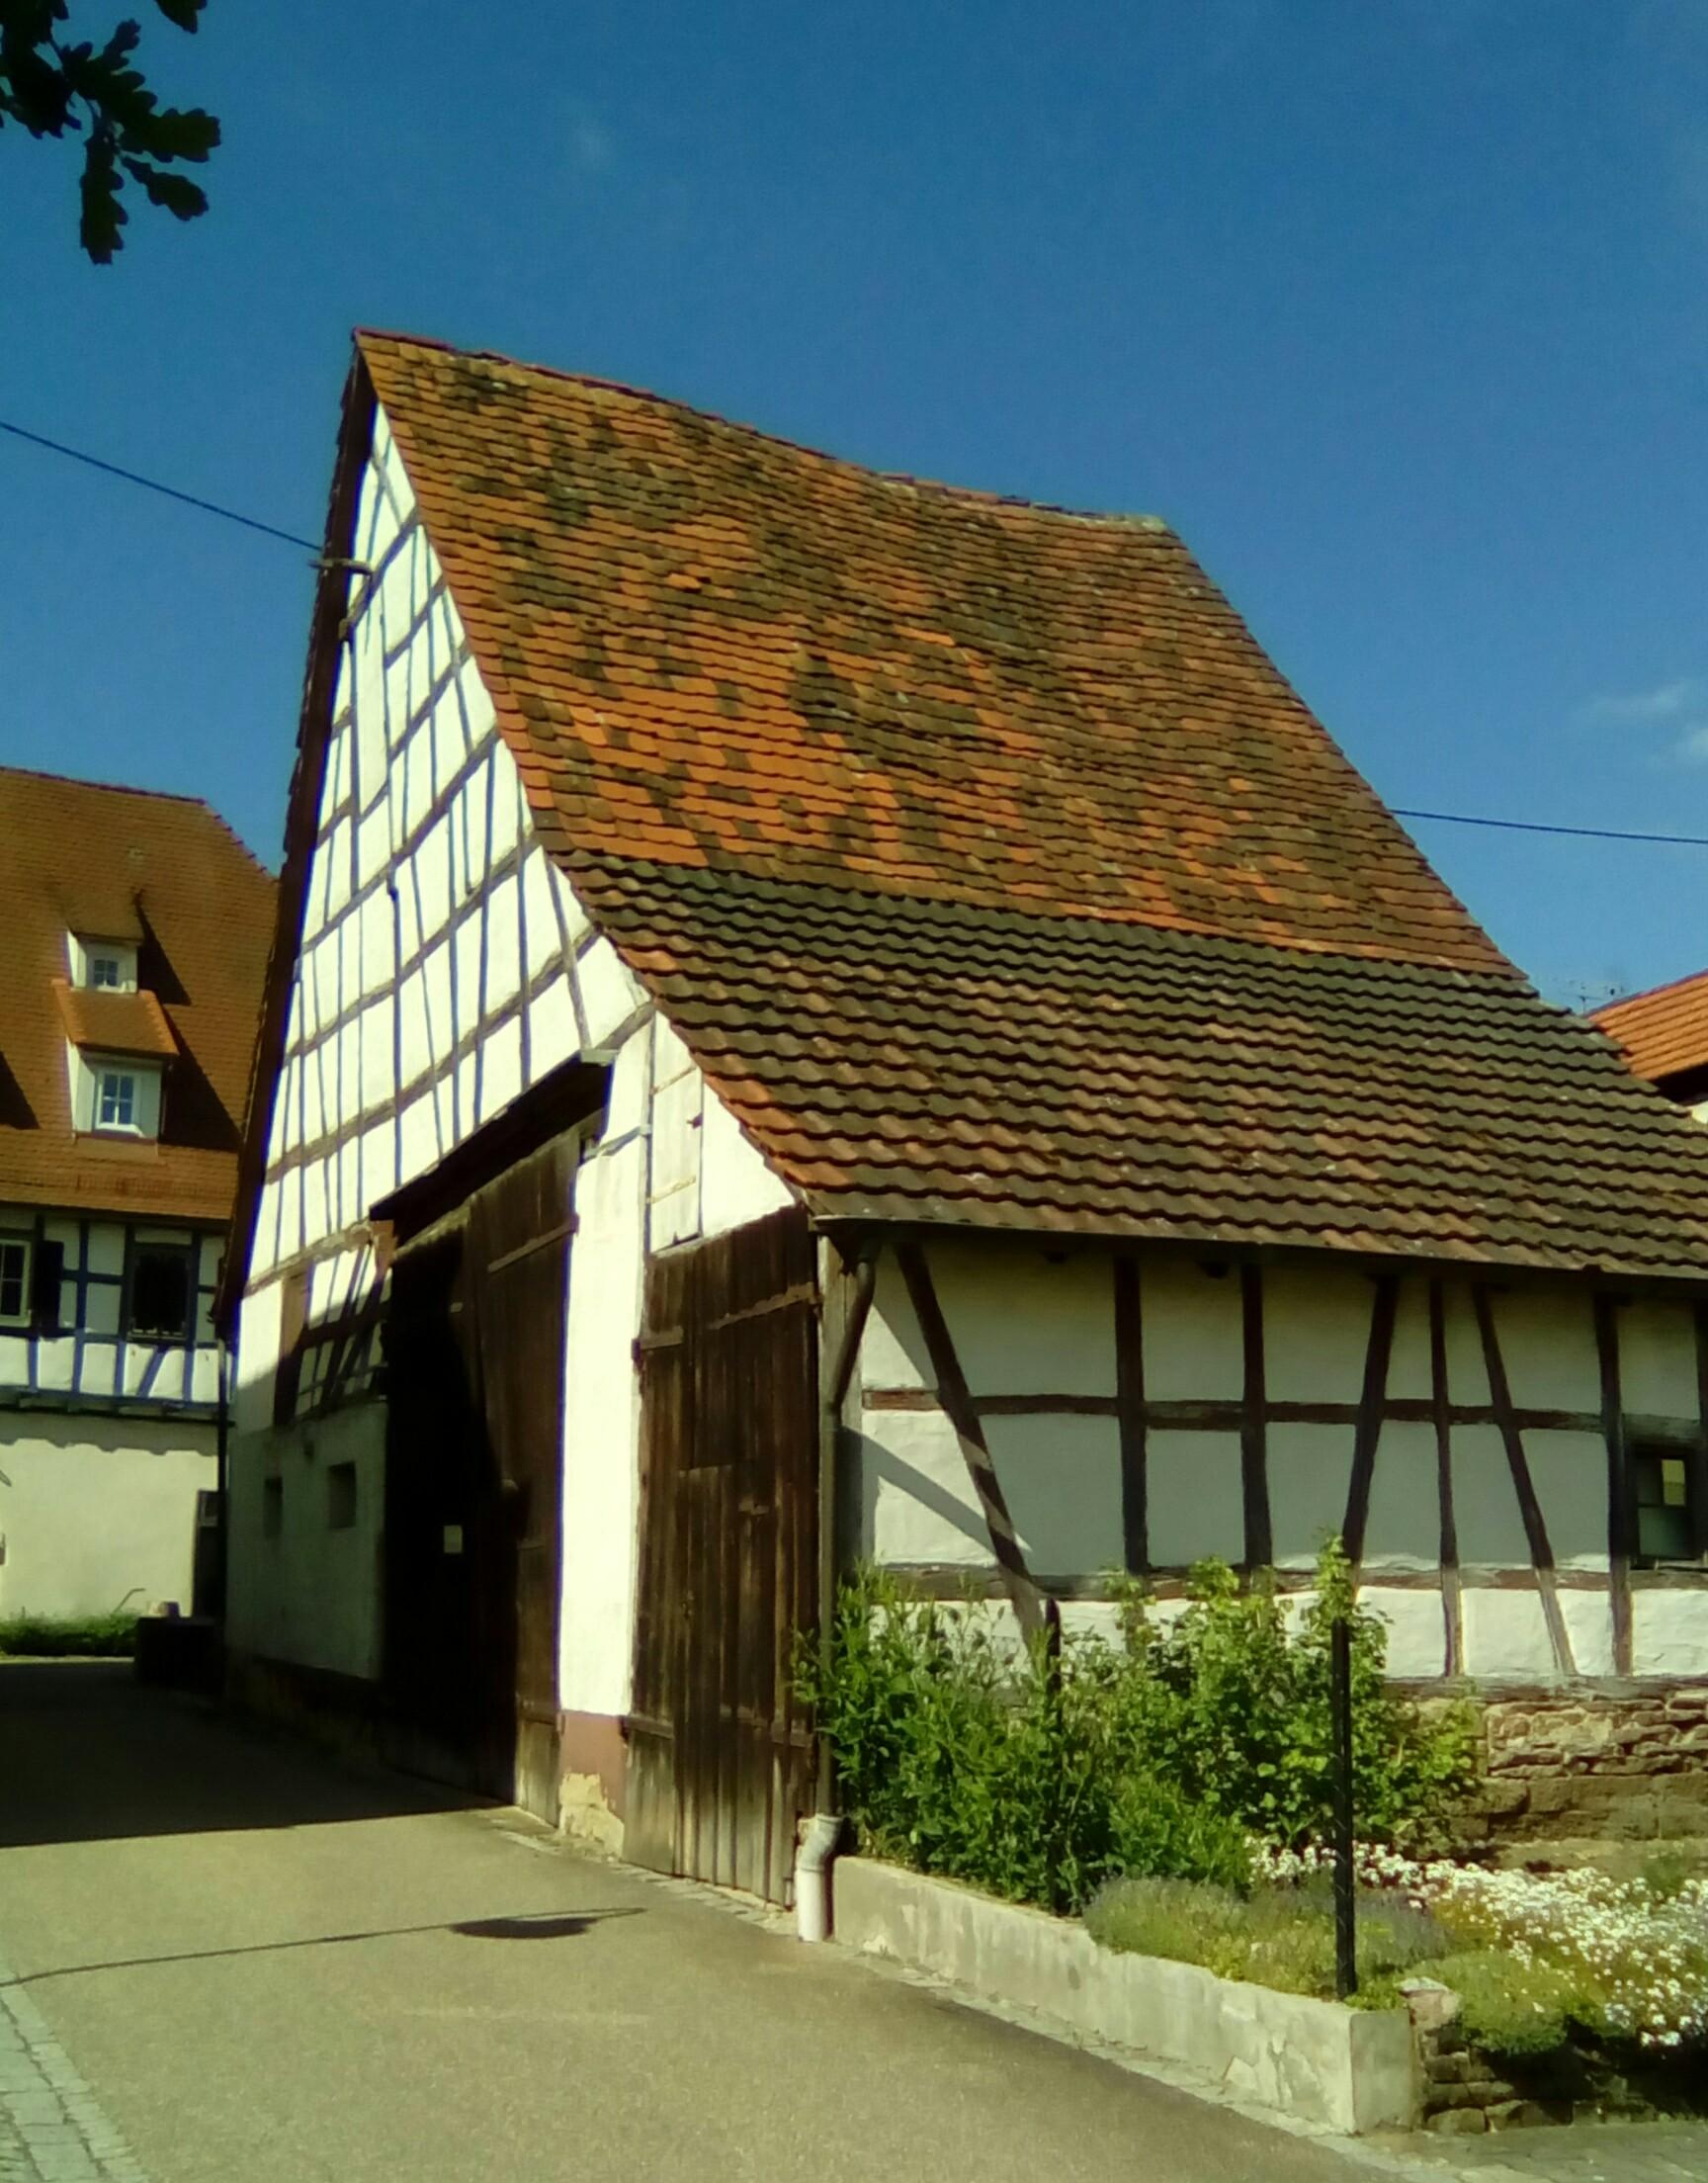 Das Schächthaus in der Jägerstraße, Sommer 2017.